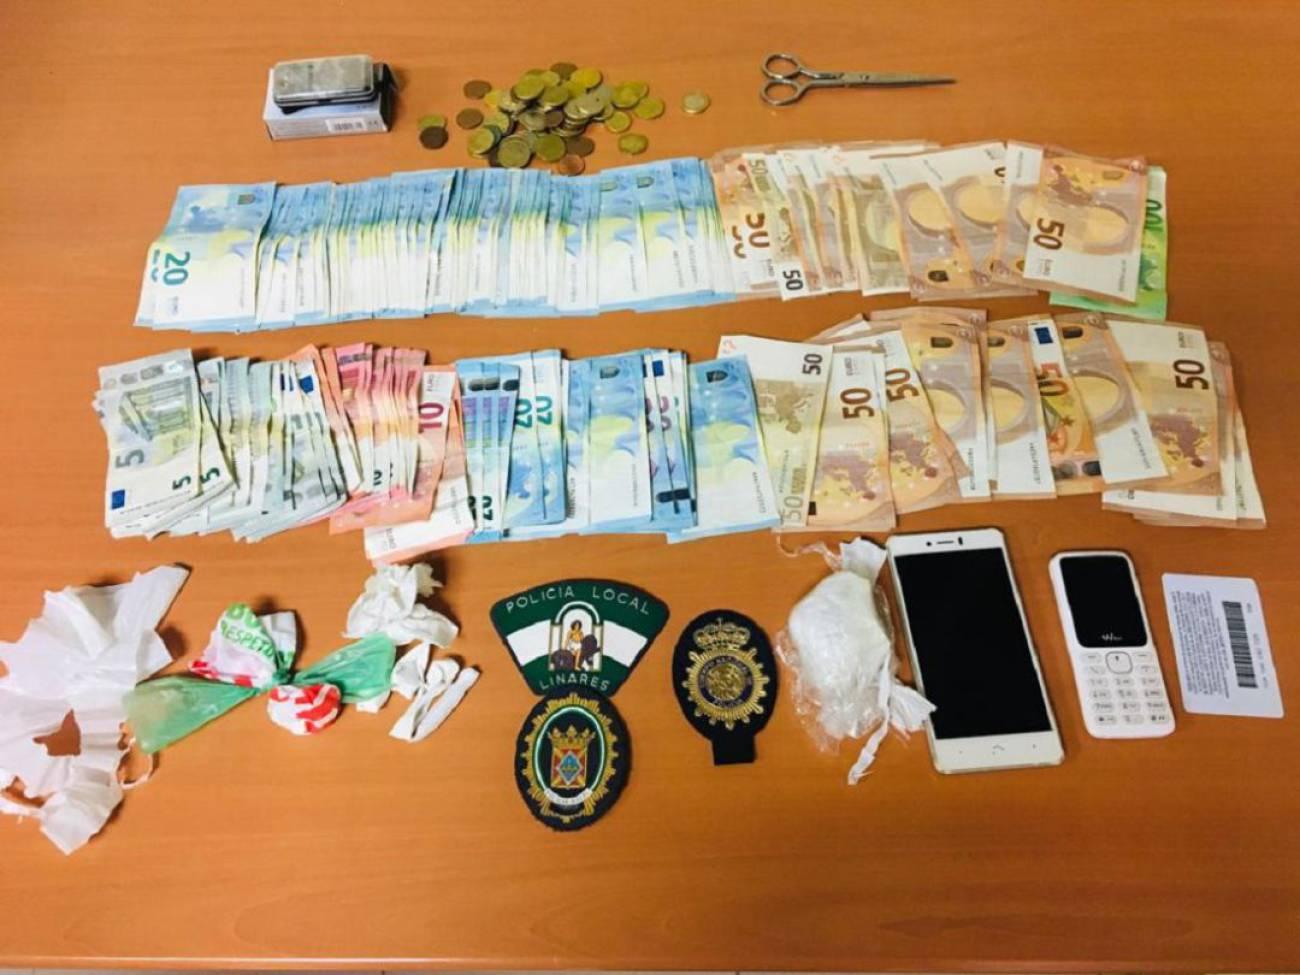 Detenido tras dejar en un taxi bolsas con cocaína y 4.000 euros